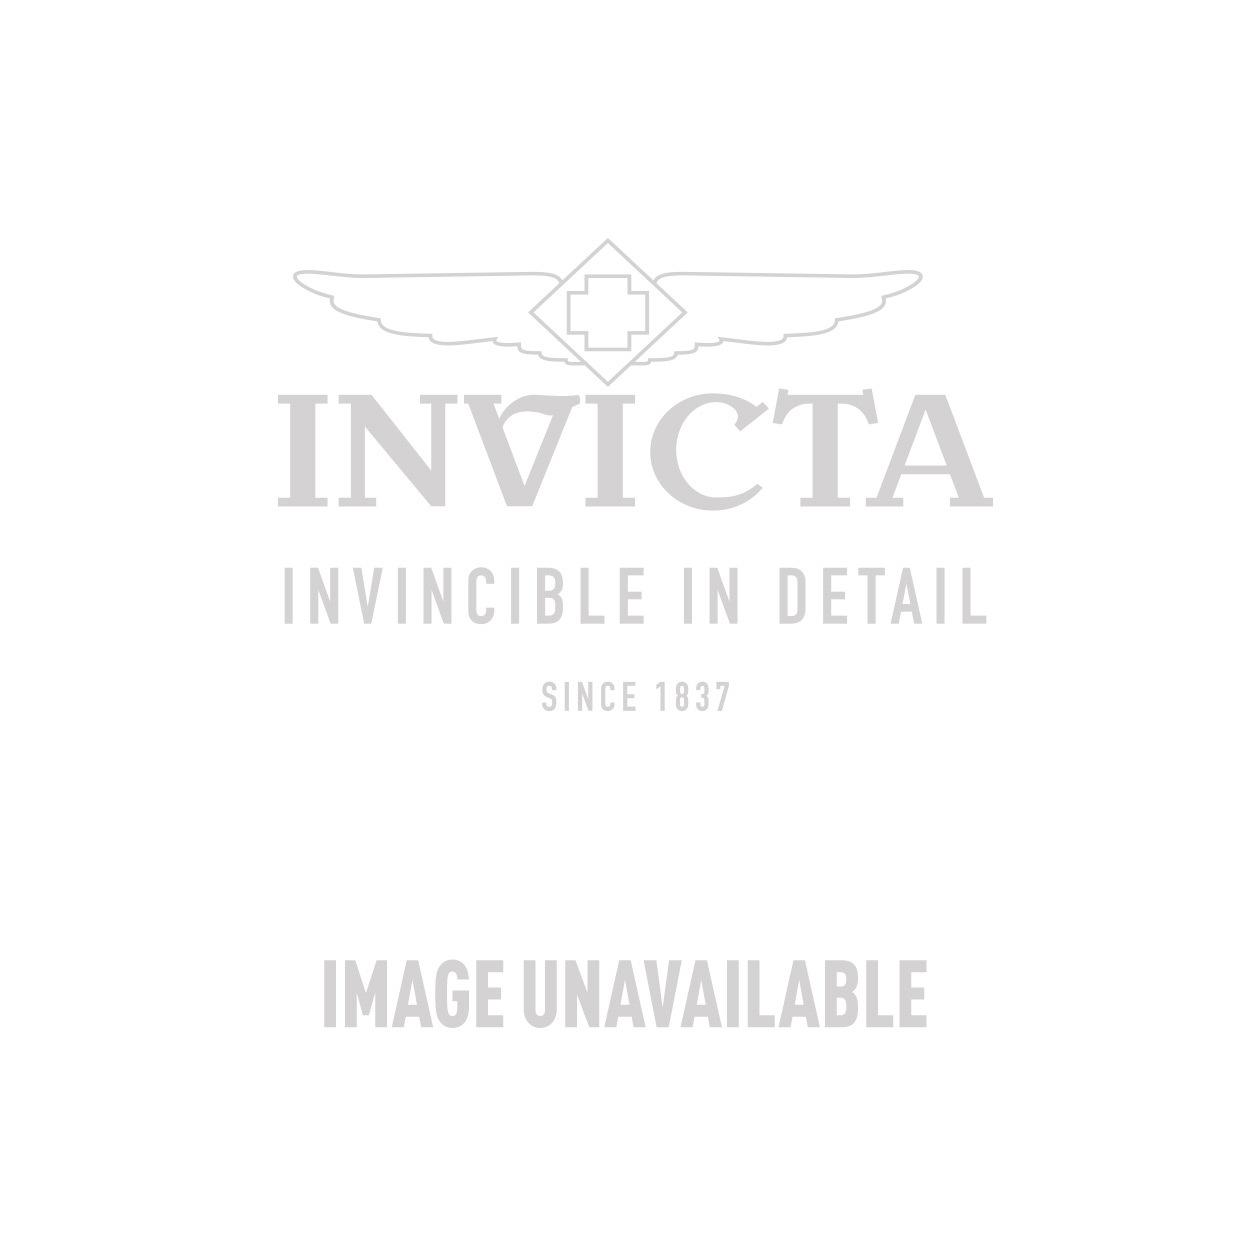 Invicta Model 25415